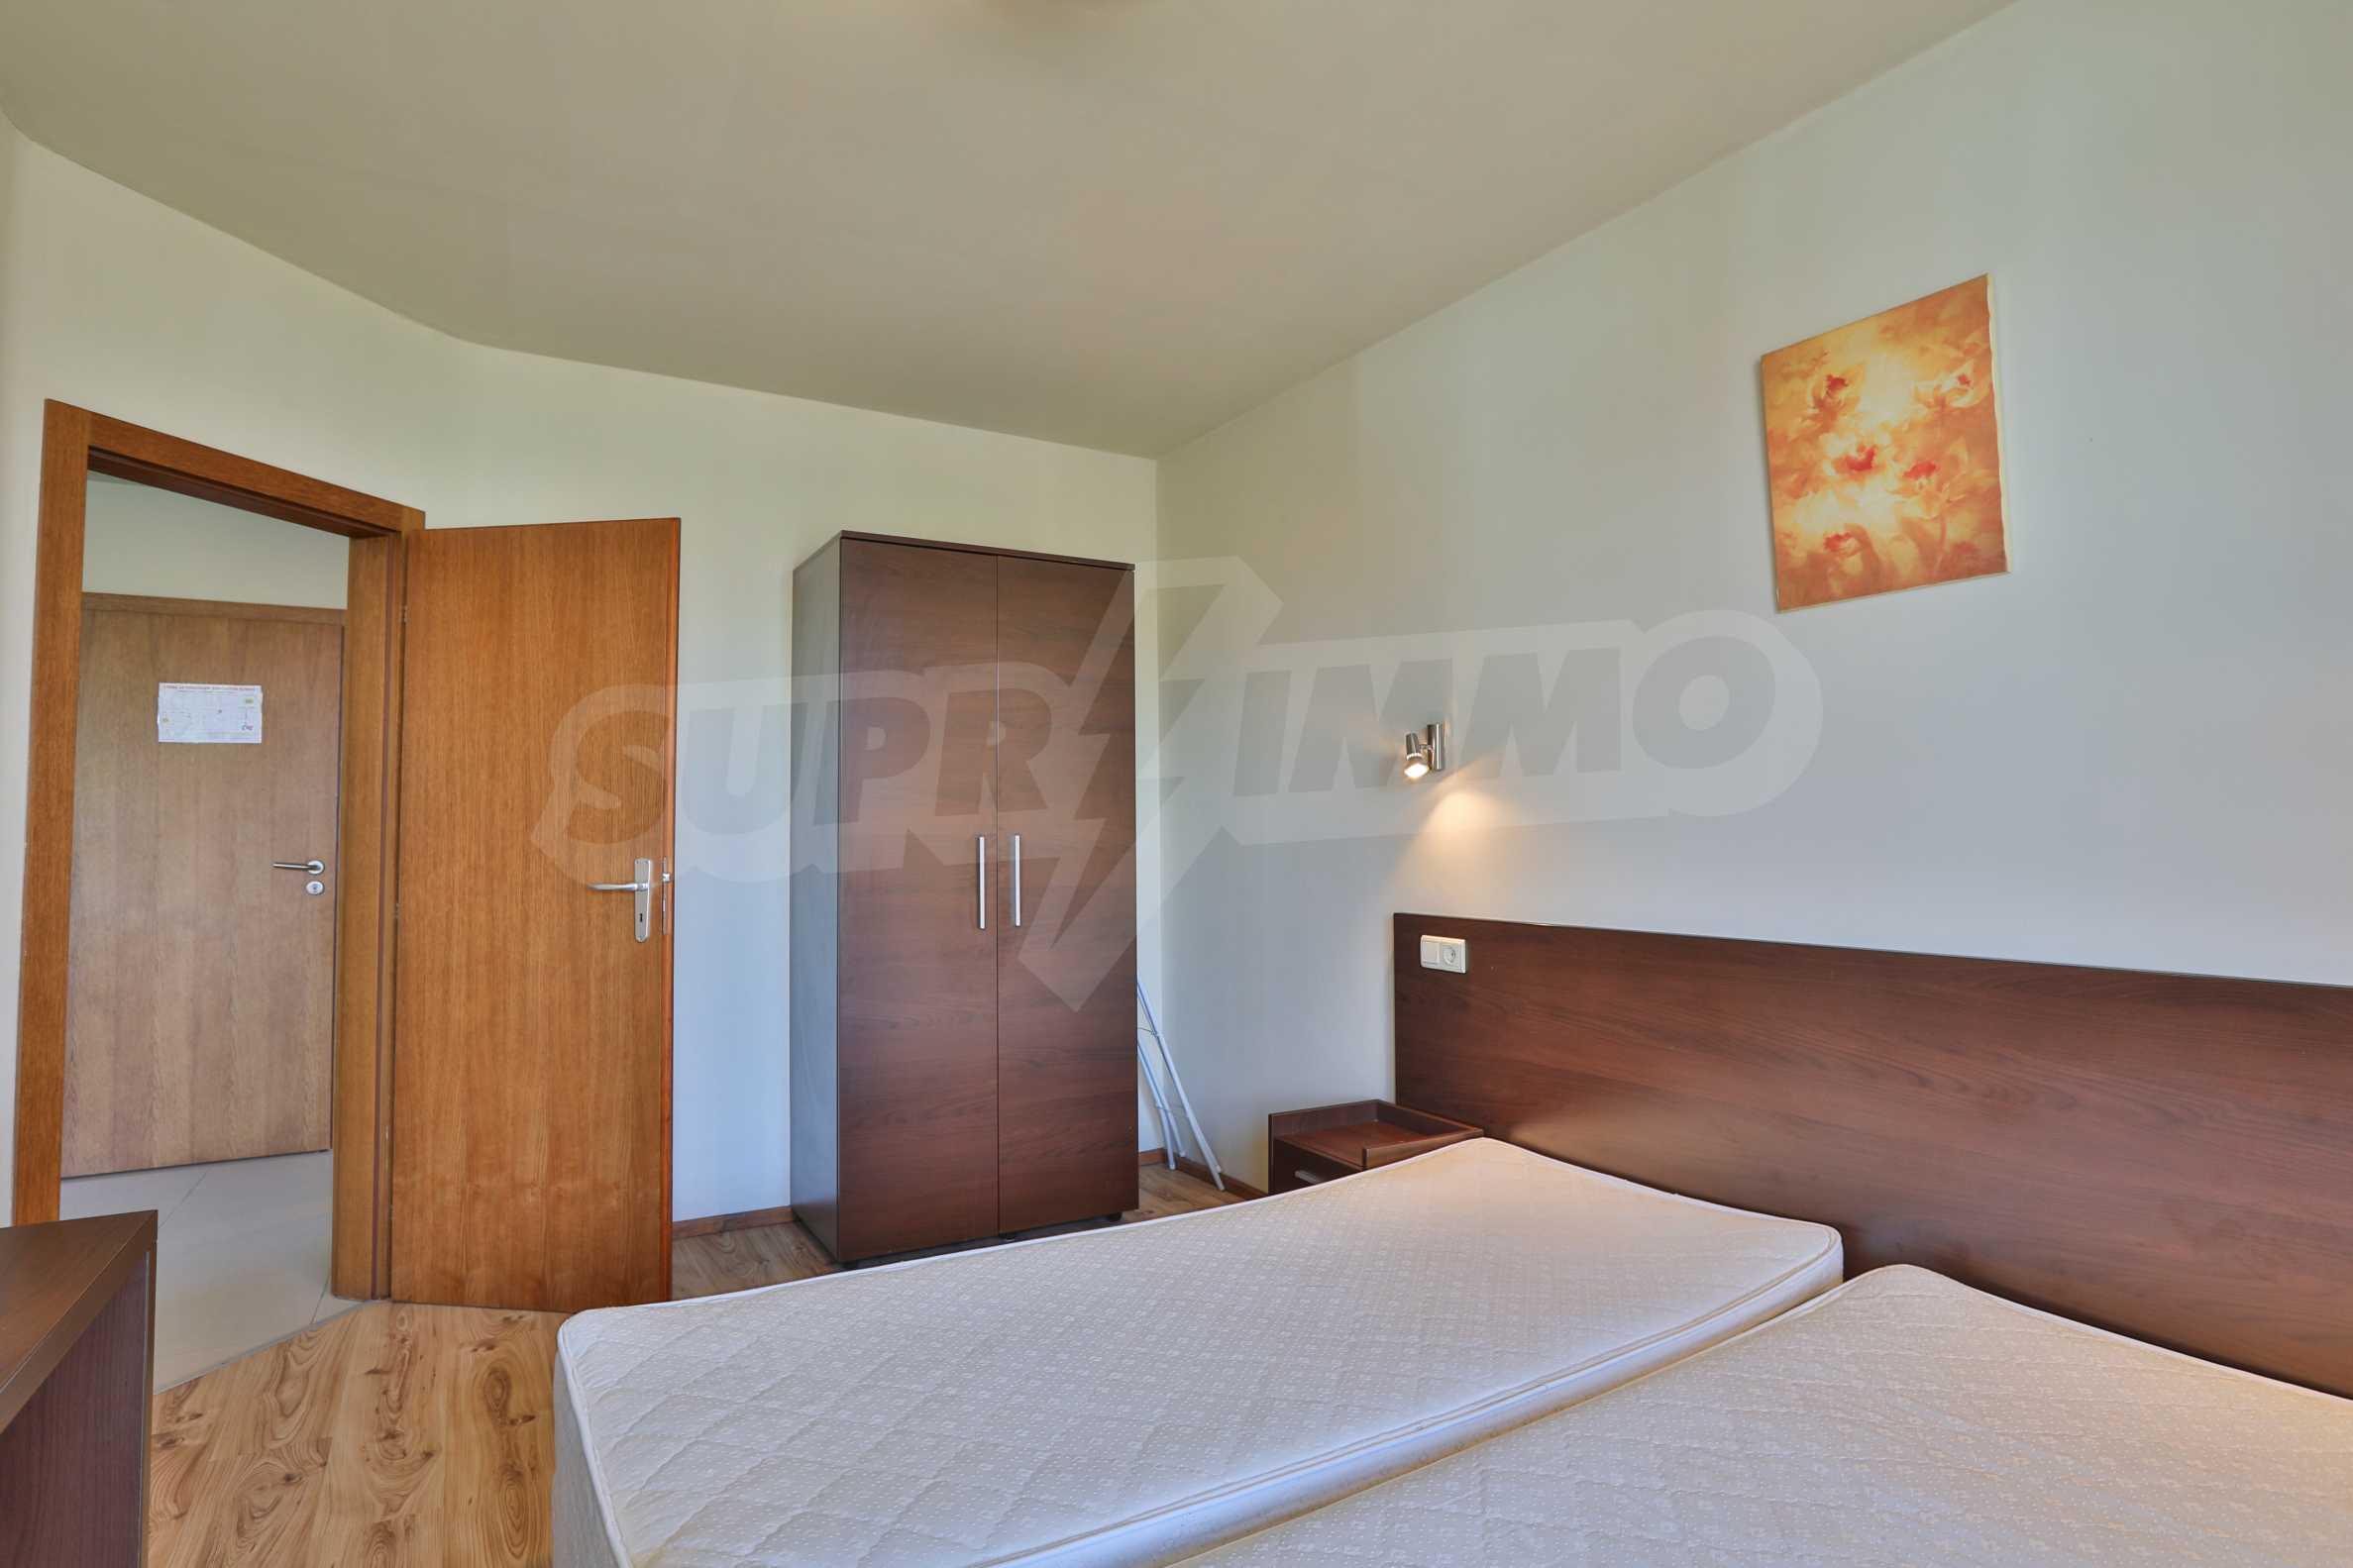 Едноспален апартамент намиращ се в един от най-известните ски курорти - Банско 5